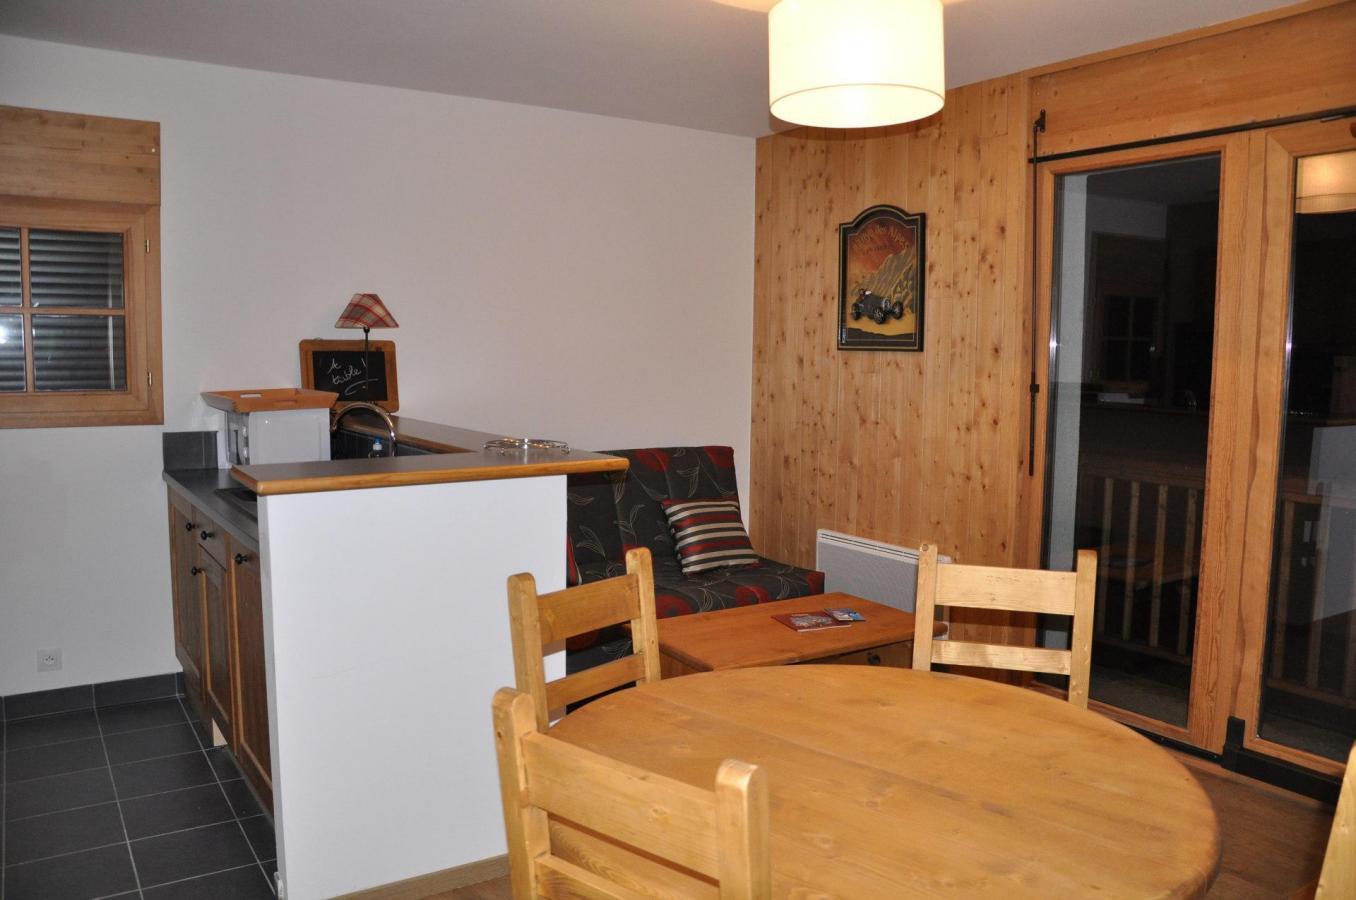 Location au ski Appartement 2 pièces cabine 4 personnes (A221) - Les Fermes De L'archaz - Valloire - Coin repas